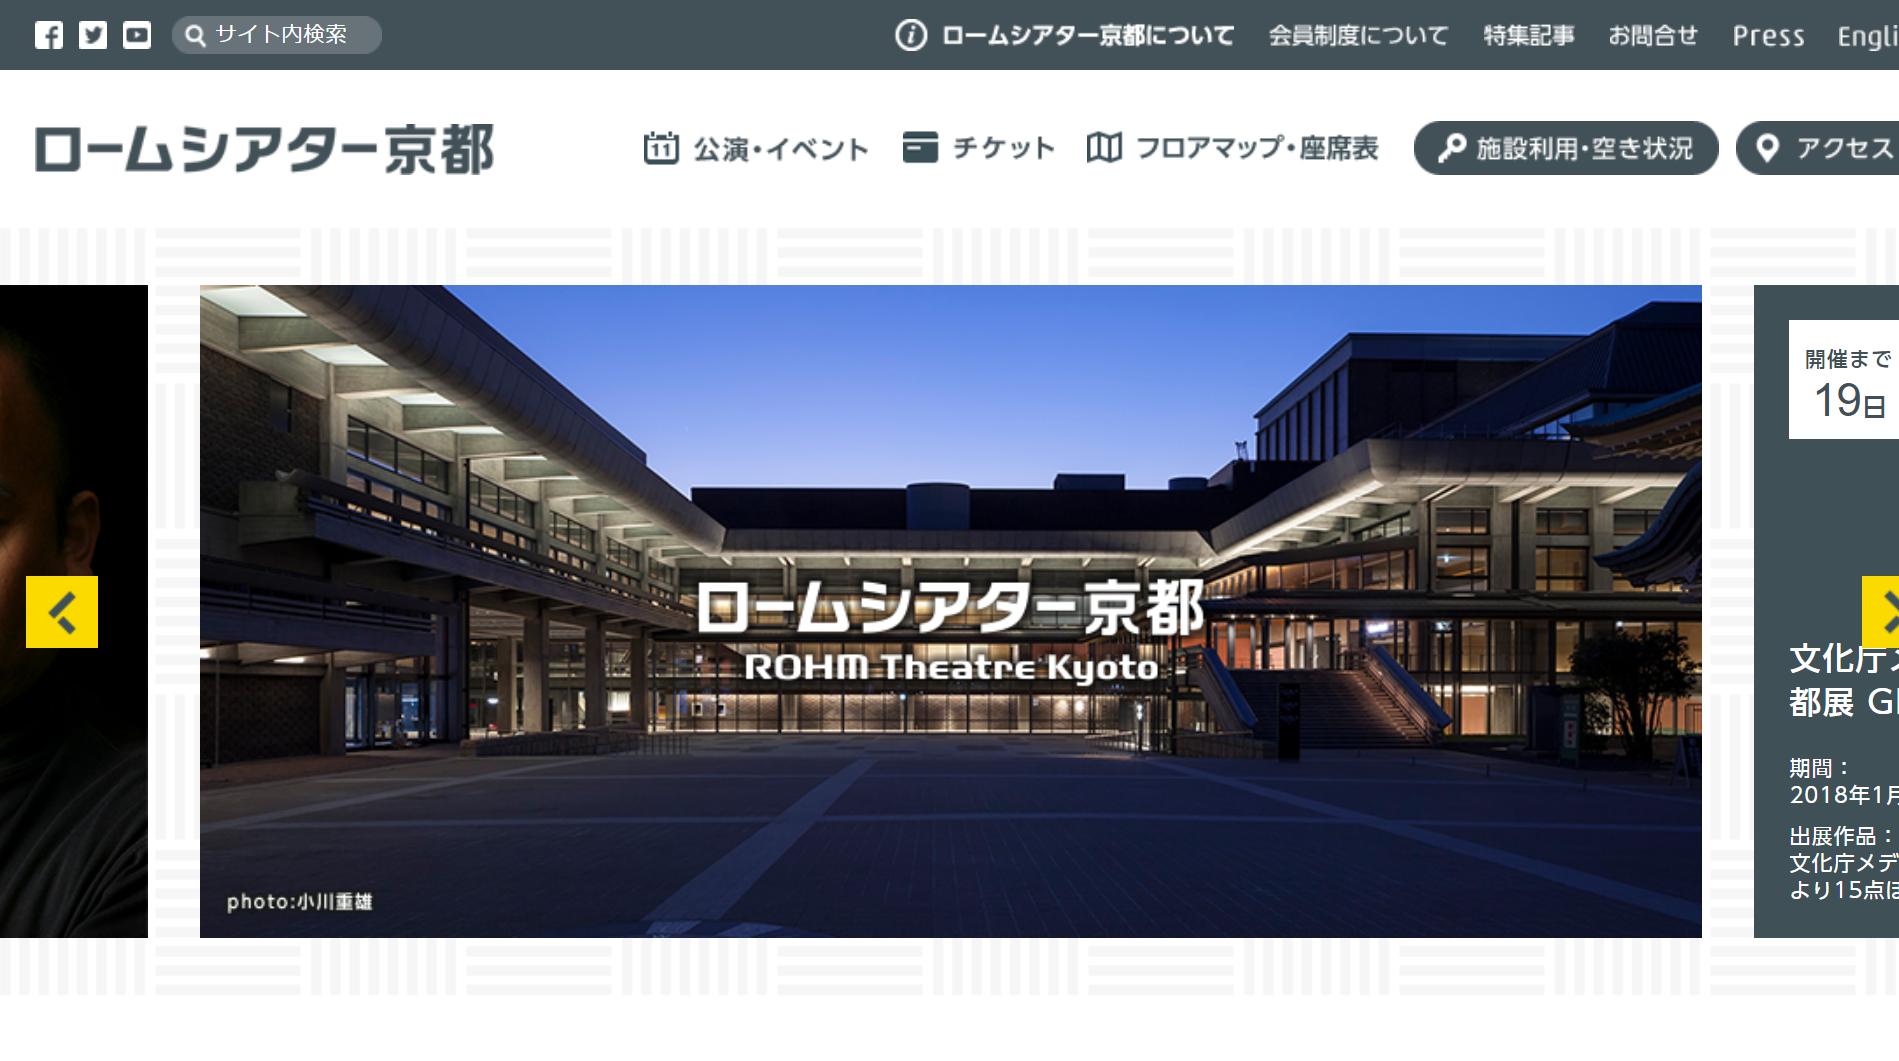 ロームシアター京都の座席表と会場情報